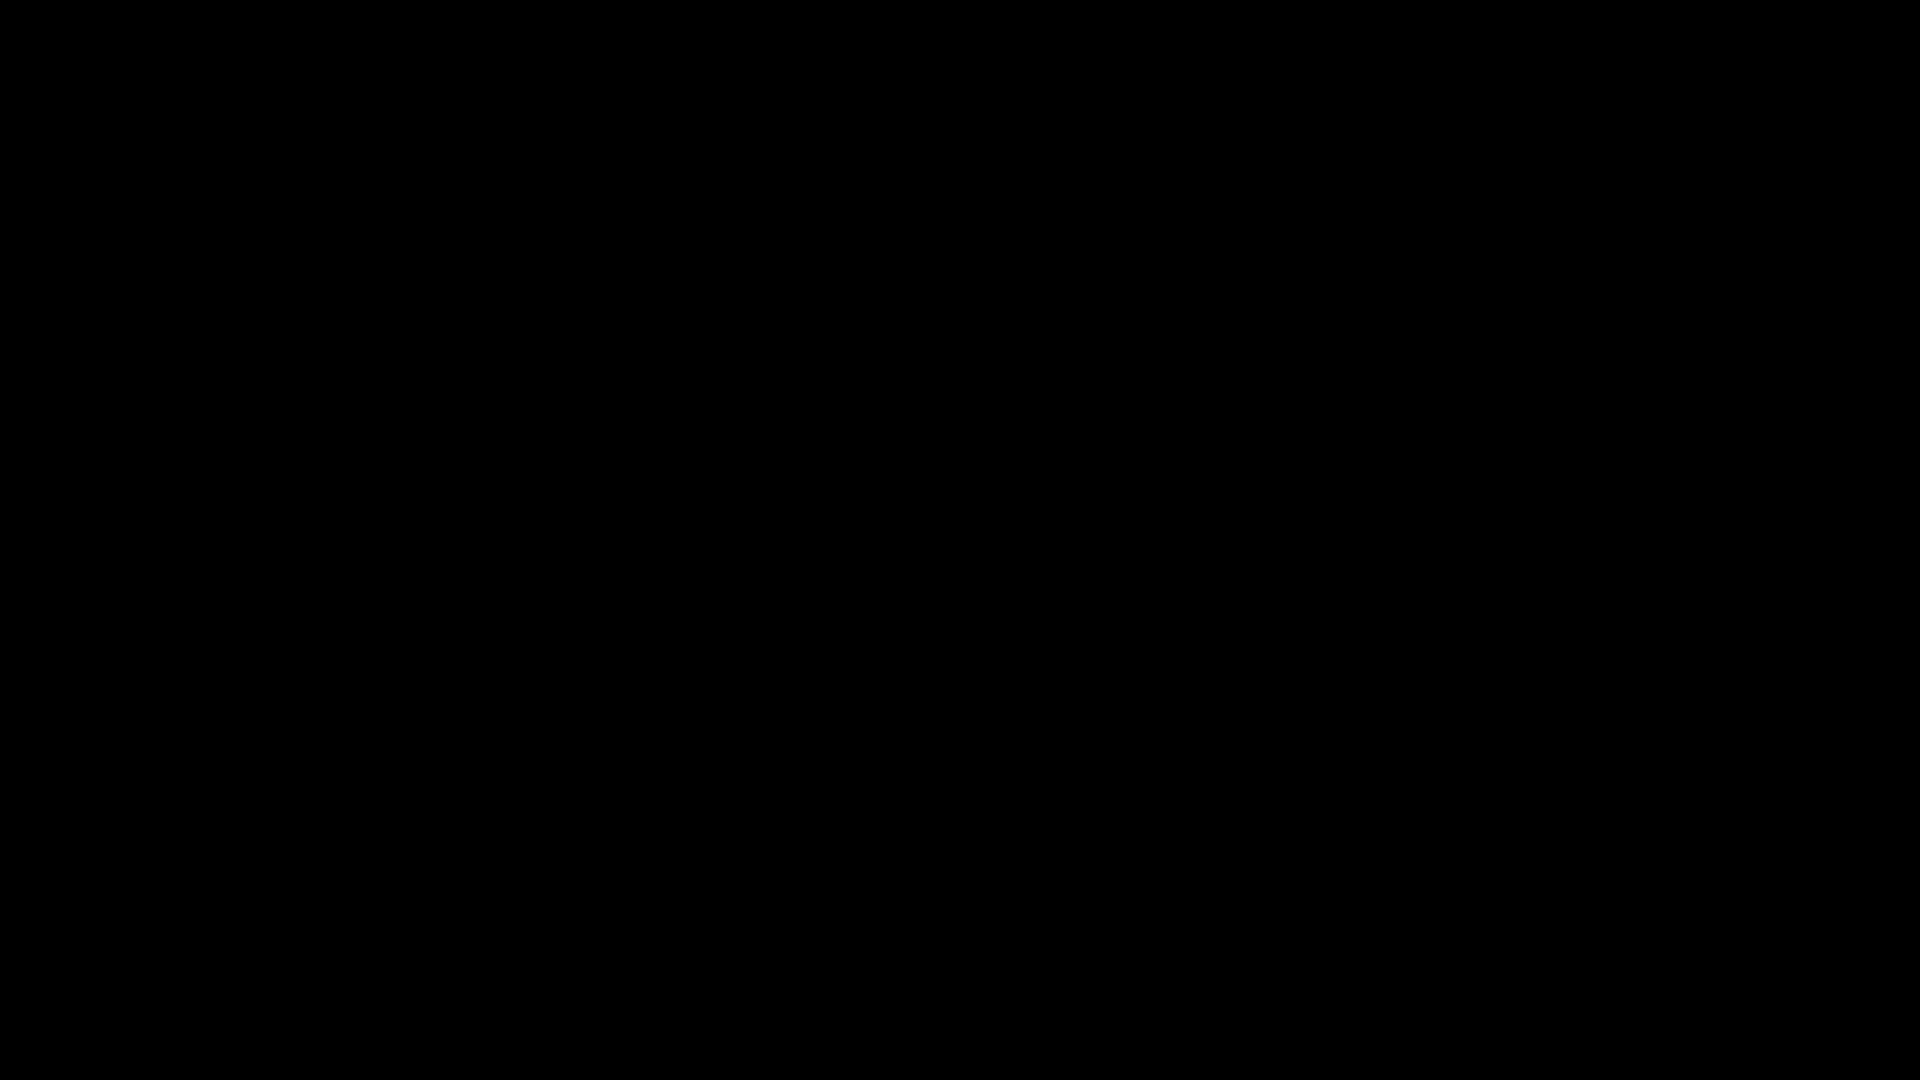 Hohe freqenucyEE10, EE12, EE13, EE16 tv fbt zeilenendtransformator für led-beleuchtung transformator, vertikale